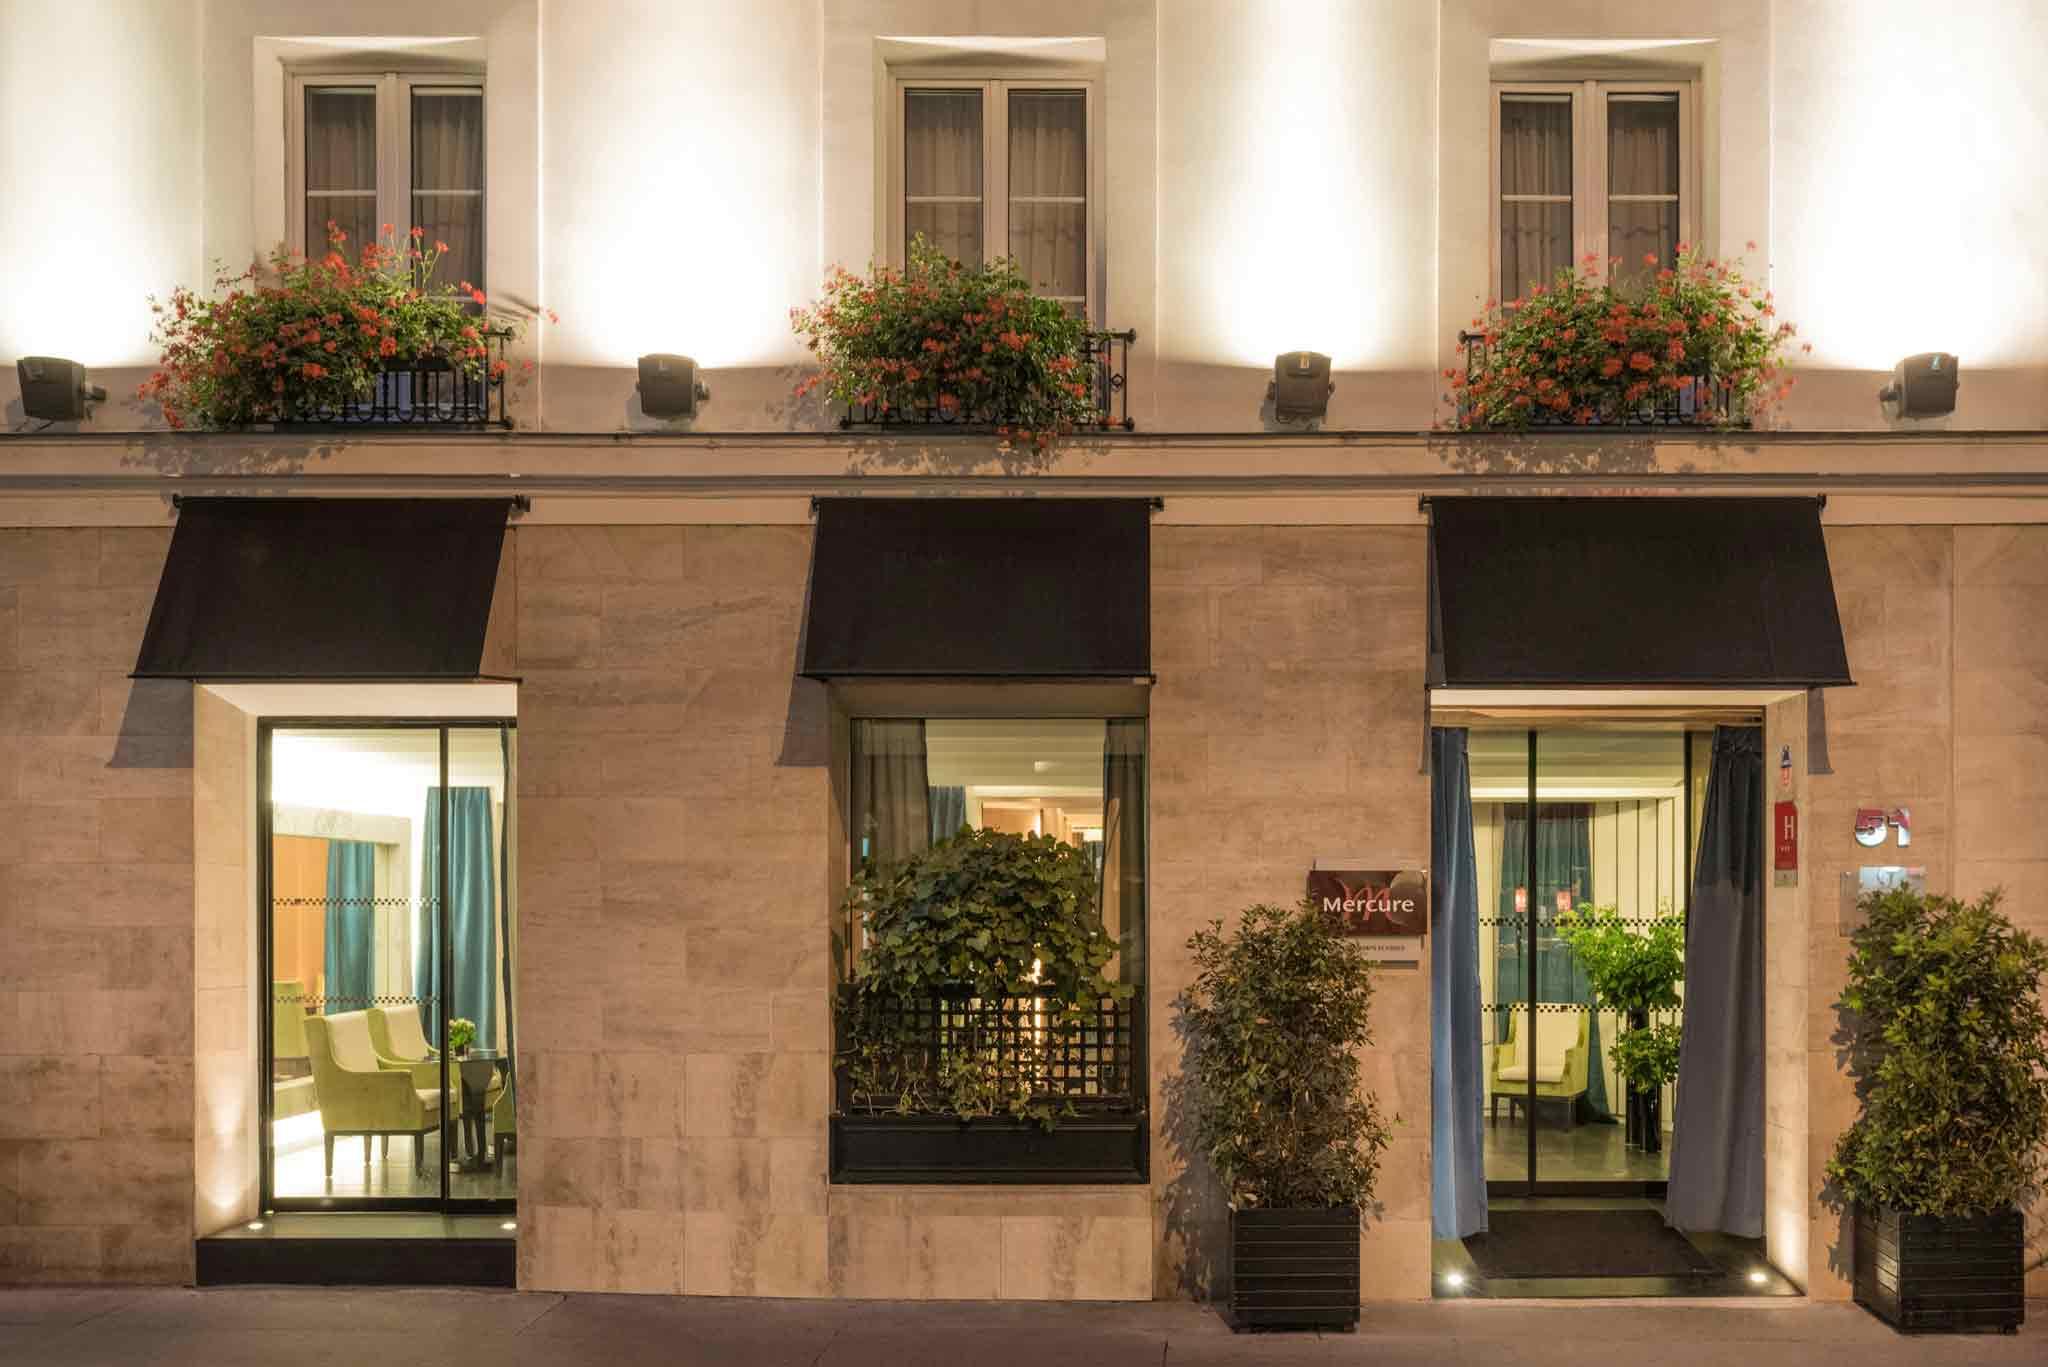 Hotel – Hotel Mercure Paris Champs Elysées